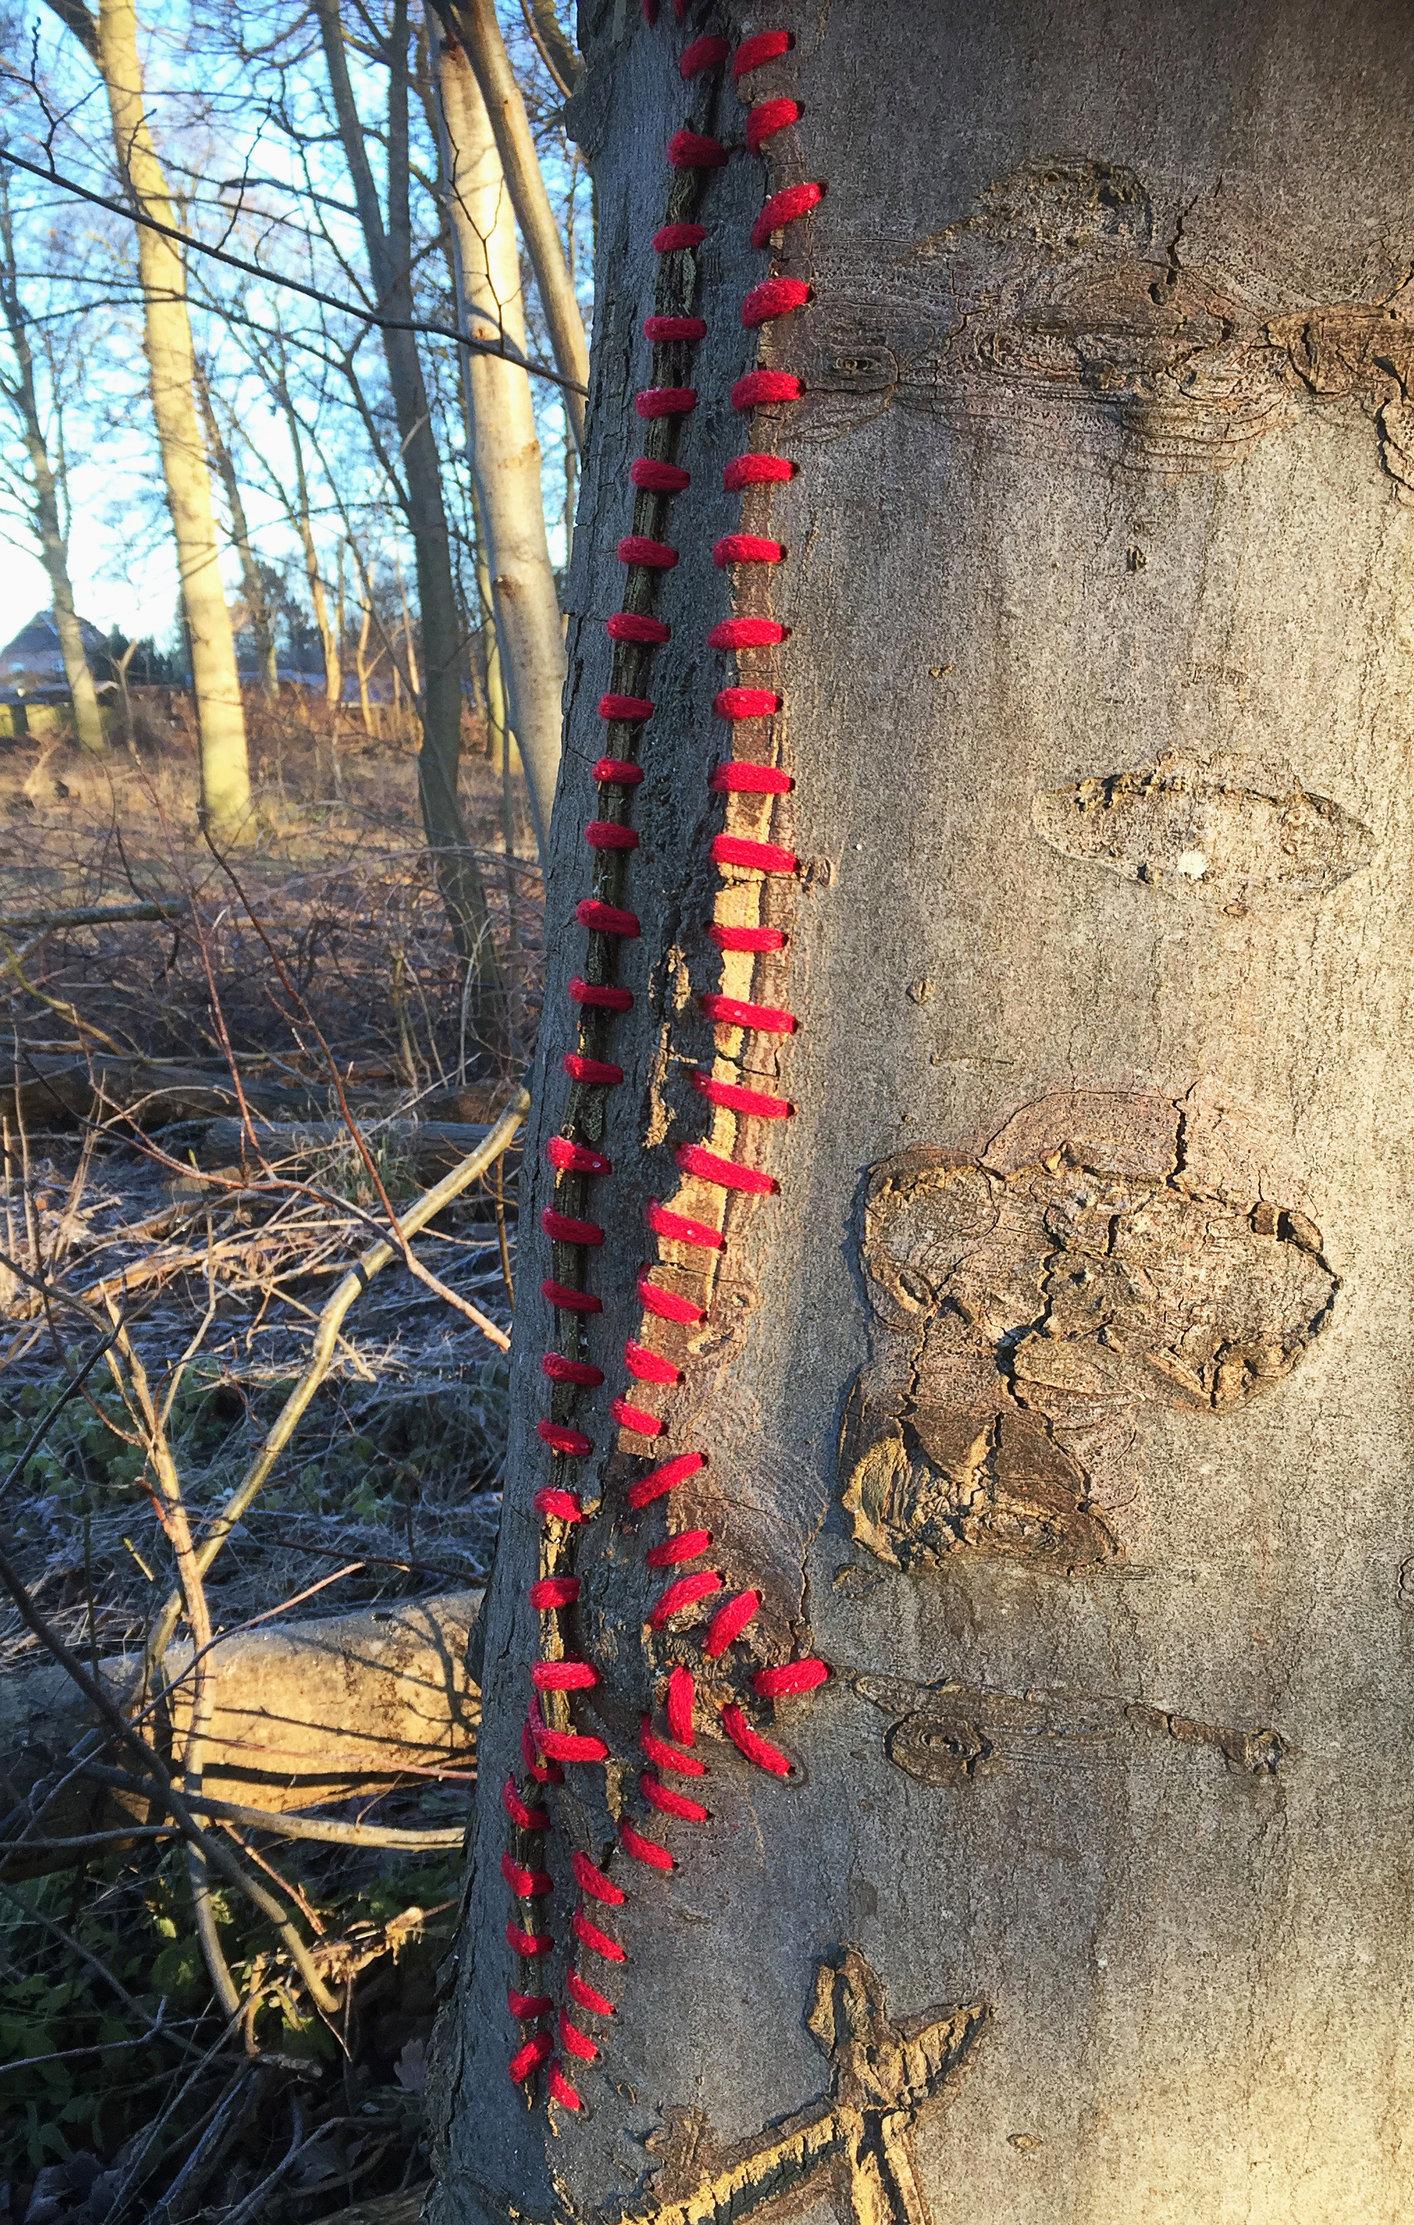 Mended tree, Skoven (DK)